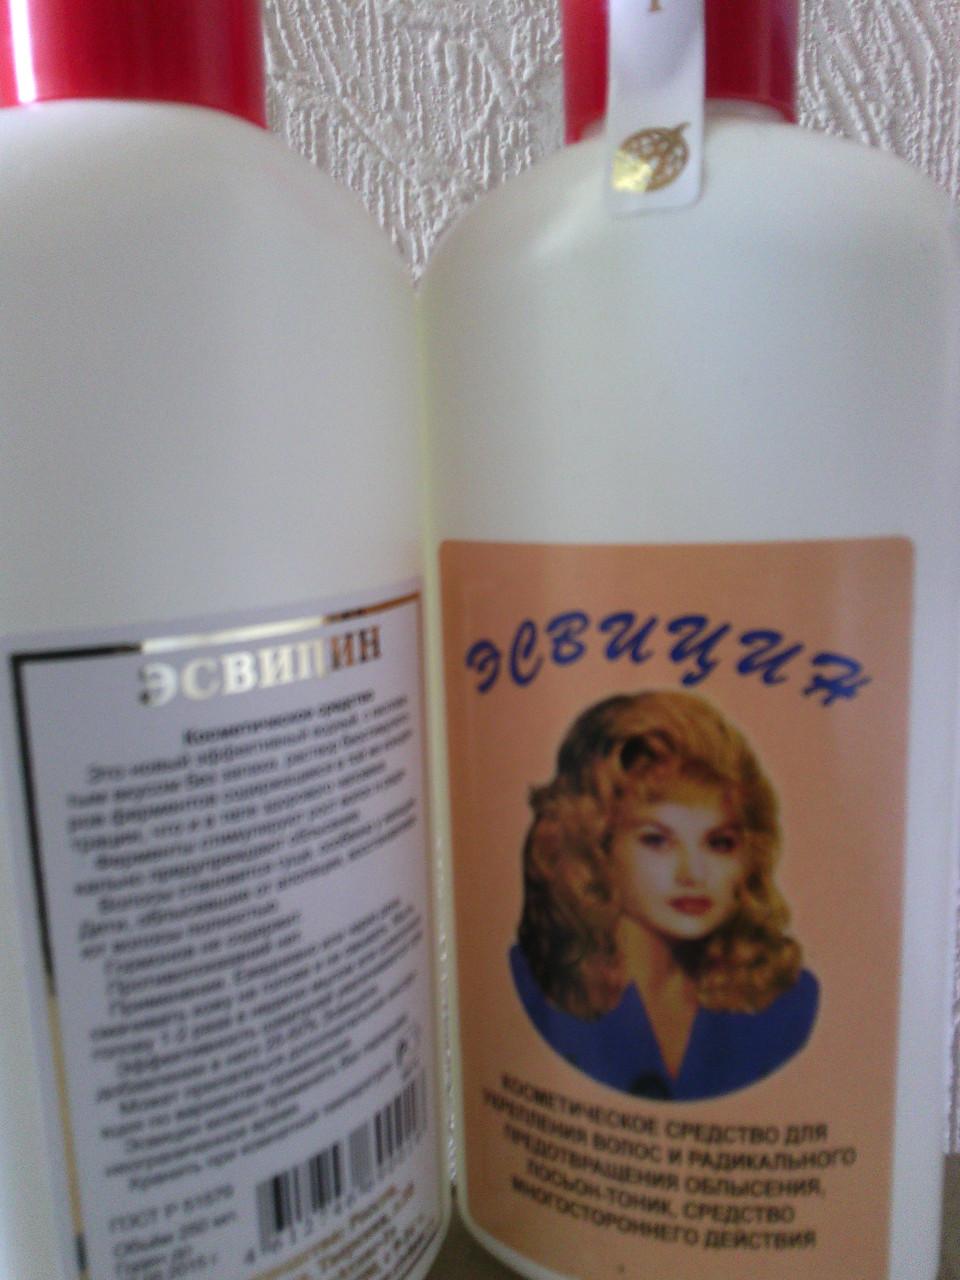 Эсвицин, косметическое средство для стимулирования роста волос, бальзам лечебно-профилактический, 250 мл